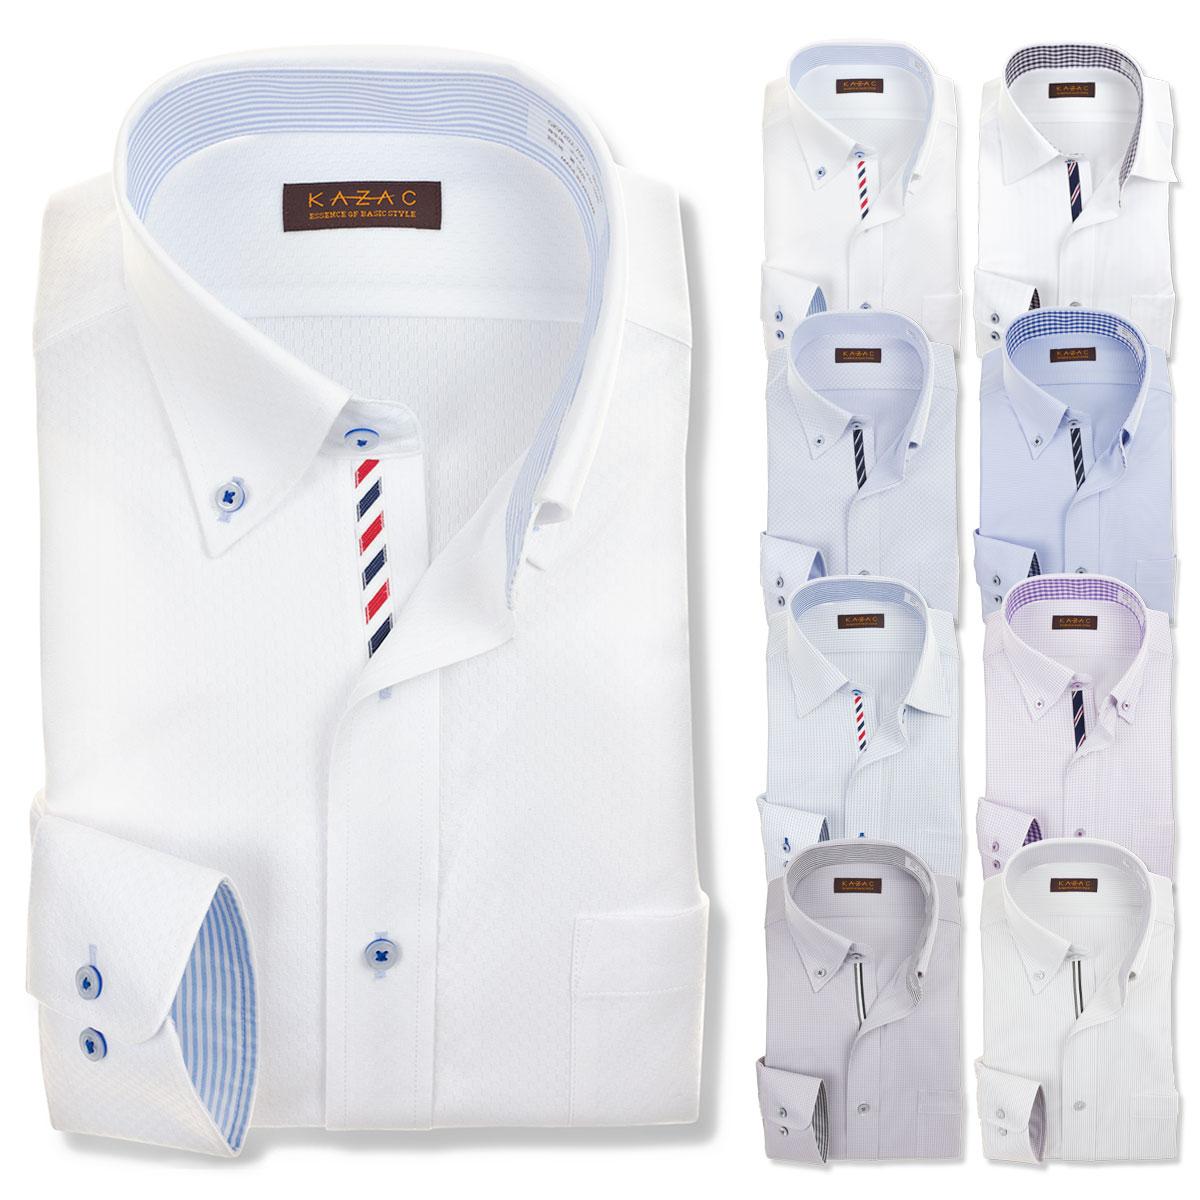 ニット ワイシャツ ※裄詰め対応不可 メンズ 長袖 ノーアイロン ...